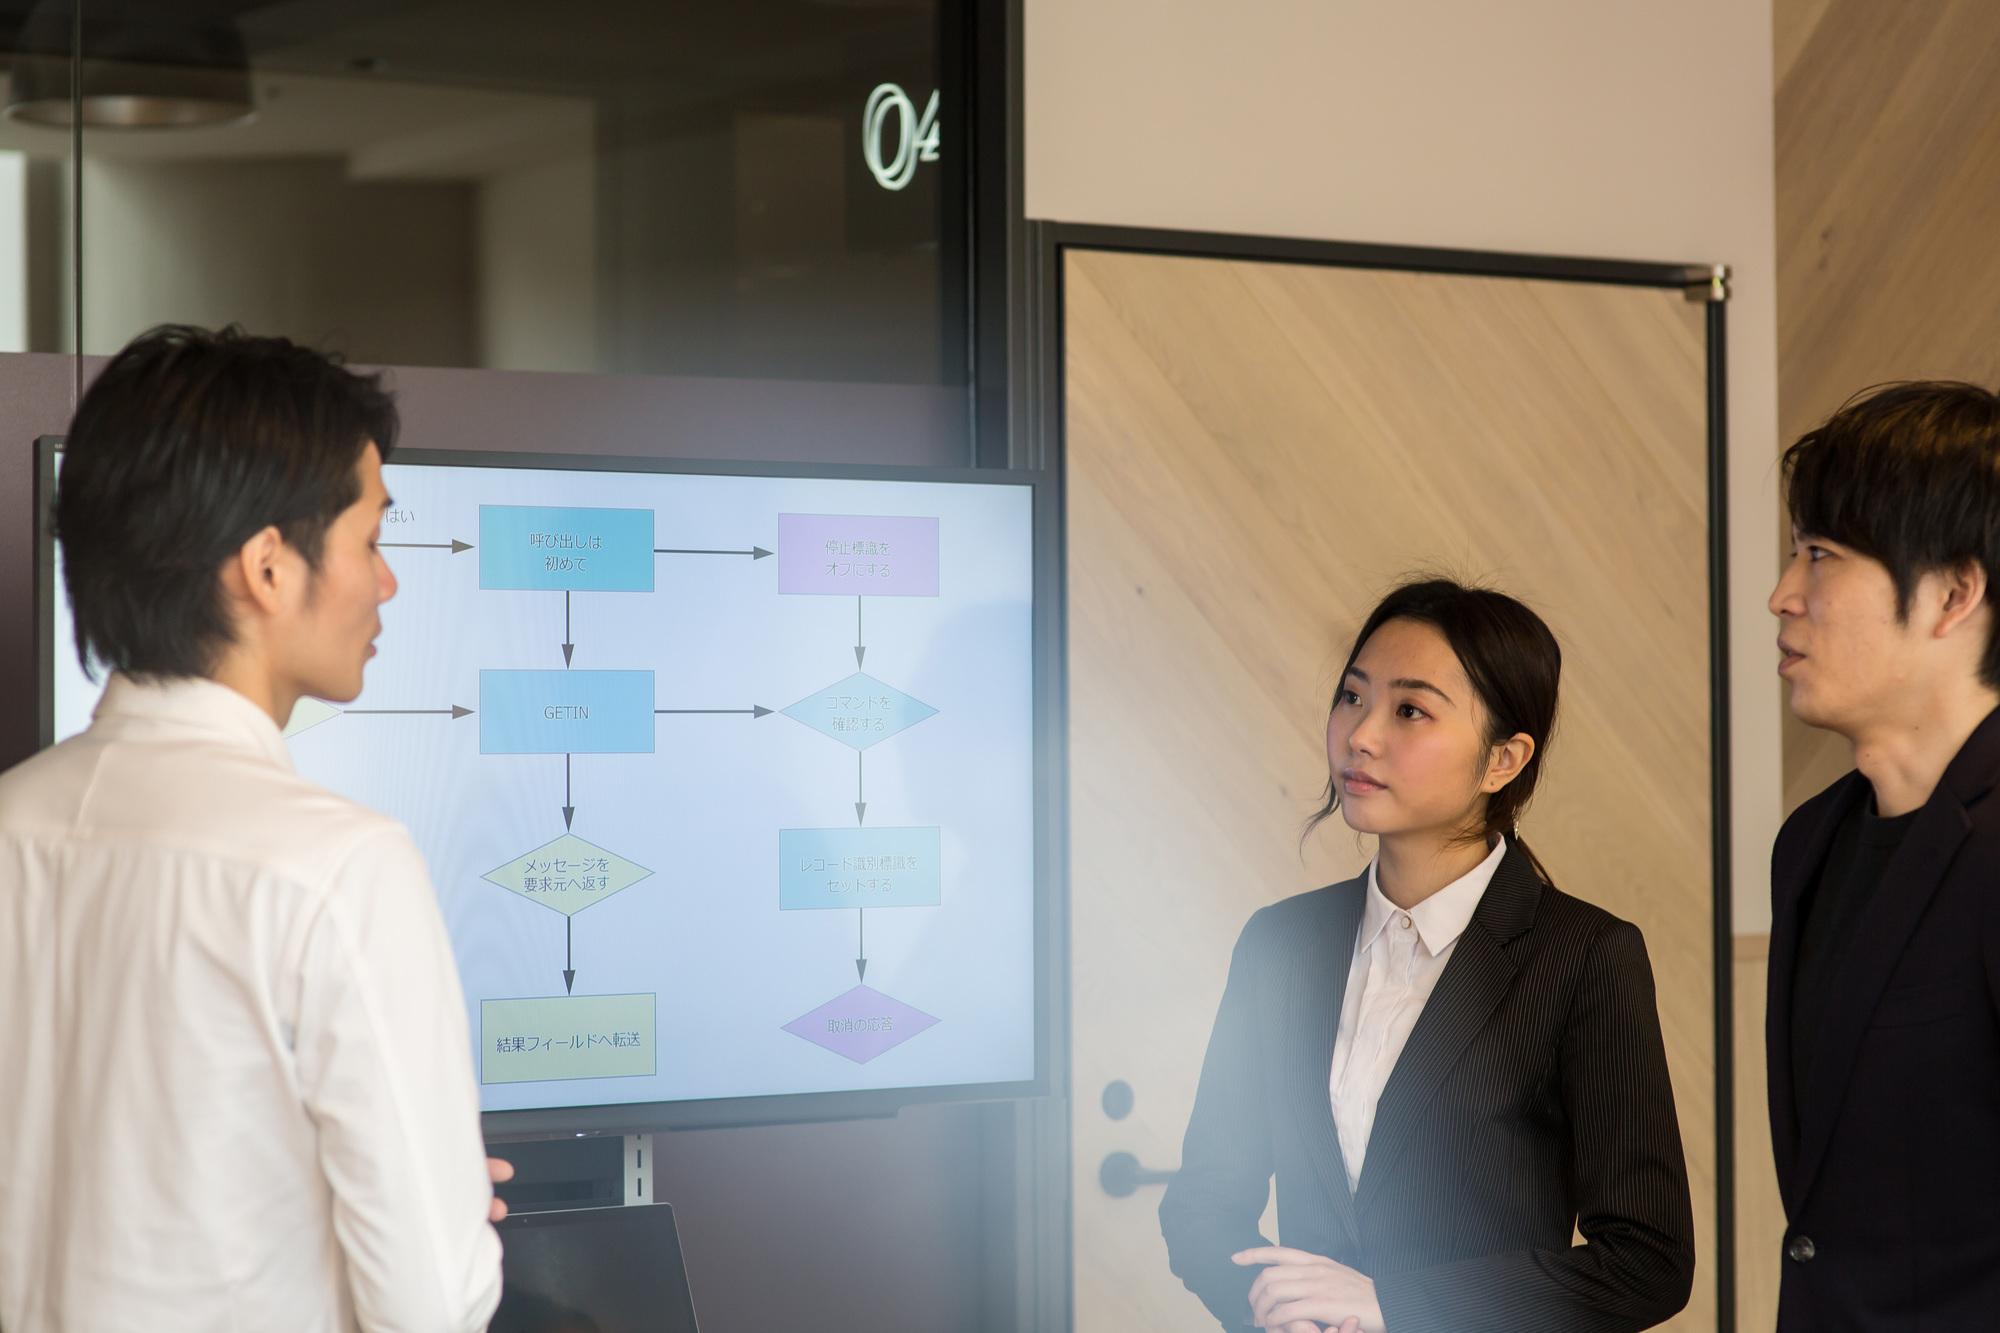 業務改善に役立つフレームワーク9選ー効果を引き出す使い方とは